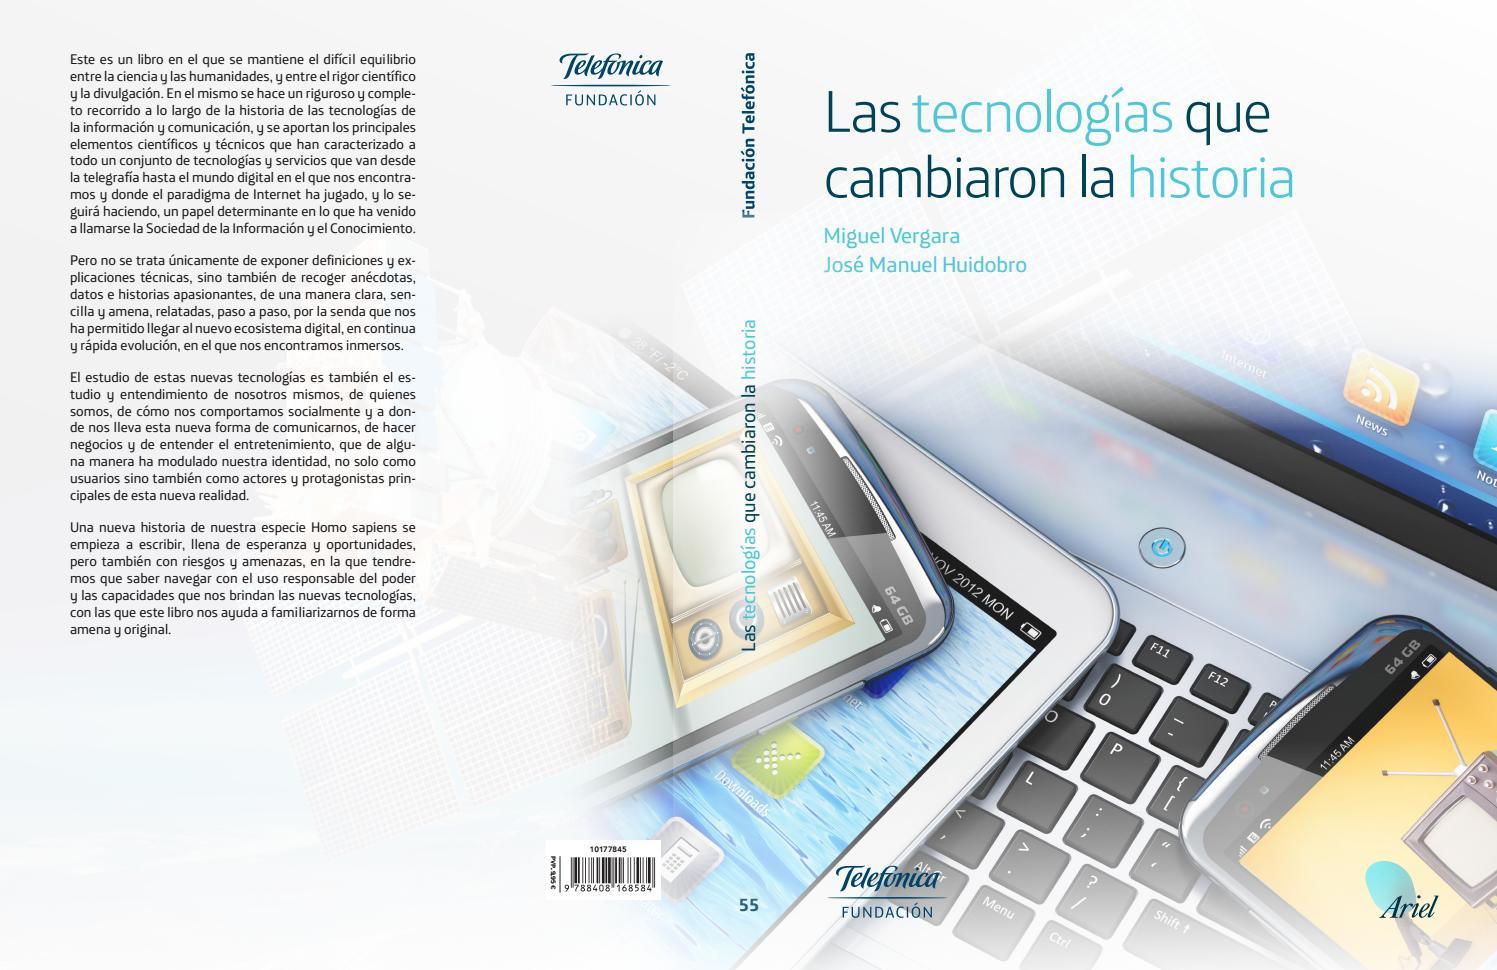 Las tecnologias que cambiaron la historia (2016) by Anselmo Lucio ...